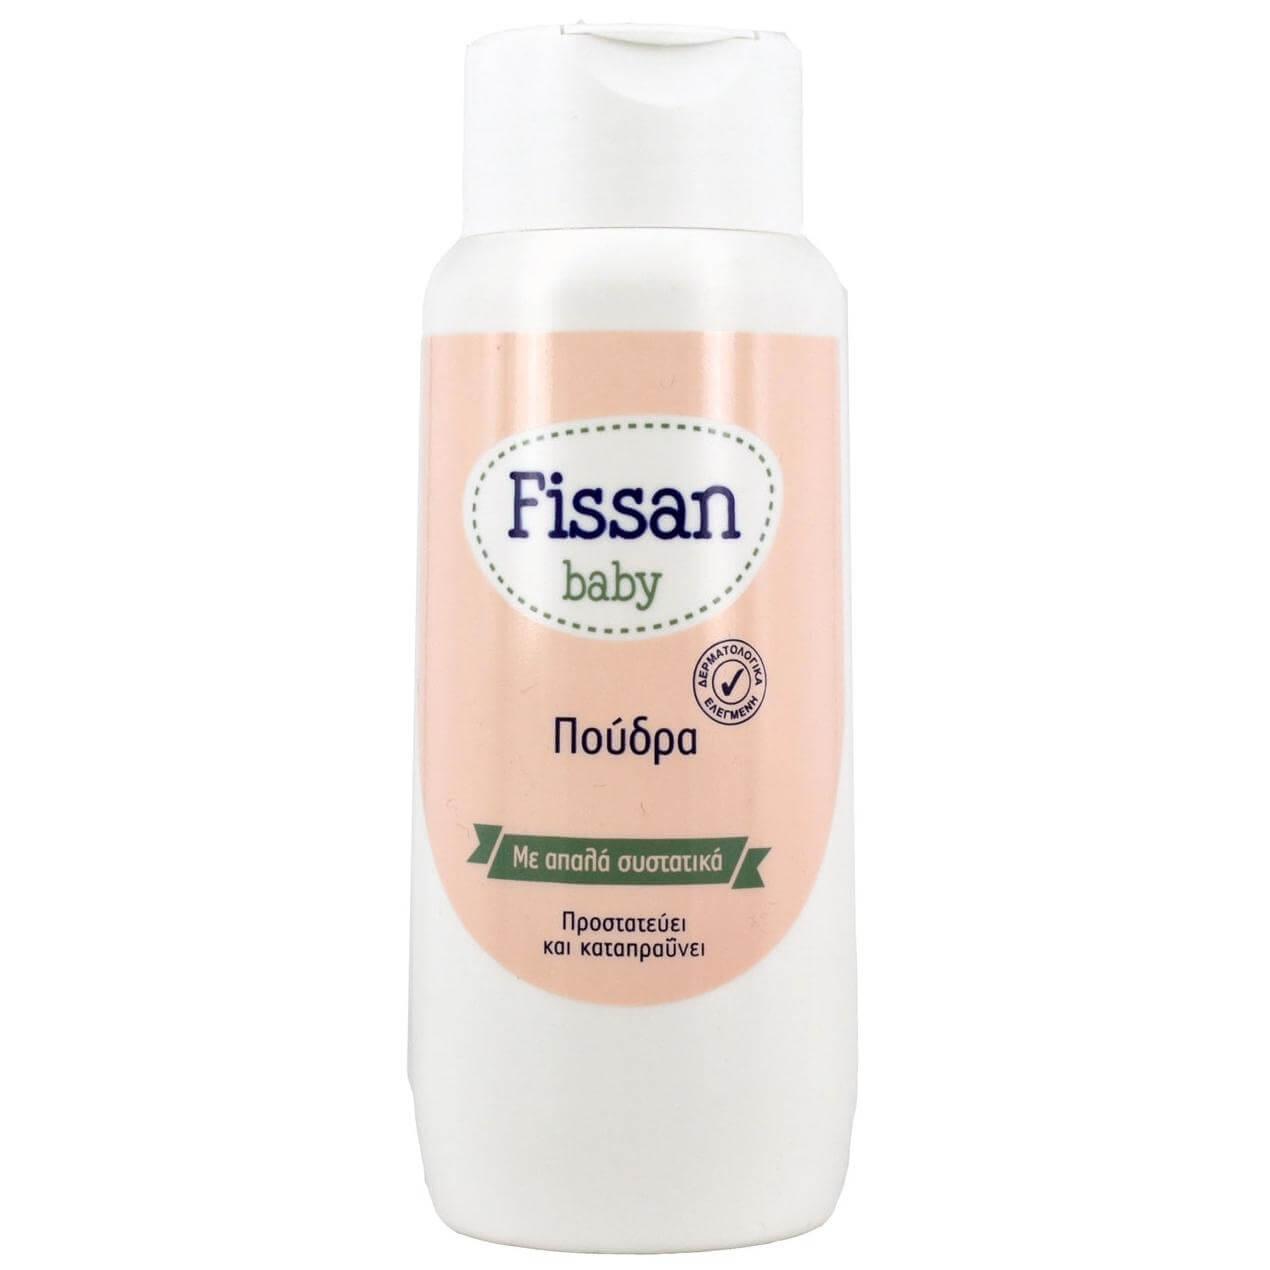 Fissan Baby Πούδρα Προστατεύει και Καταπραϋνει Αποτελεσματικά το Δέρμα από Ερεθισμούς 100gr